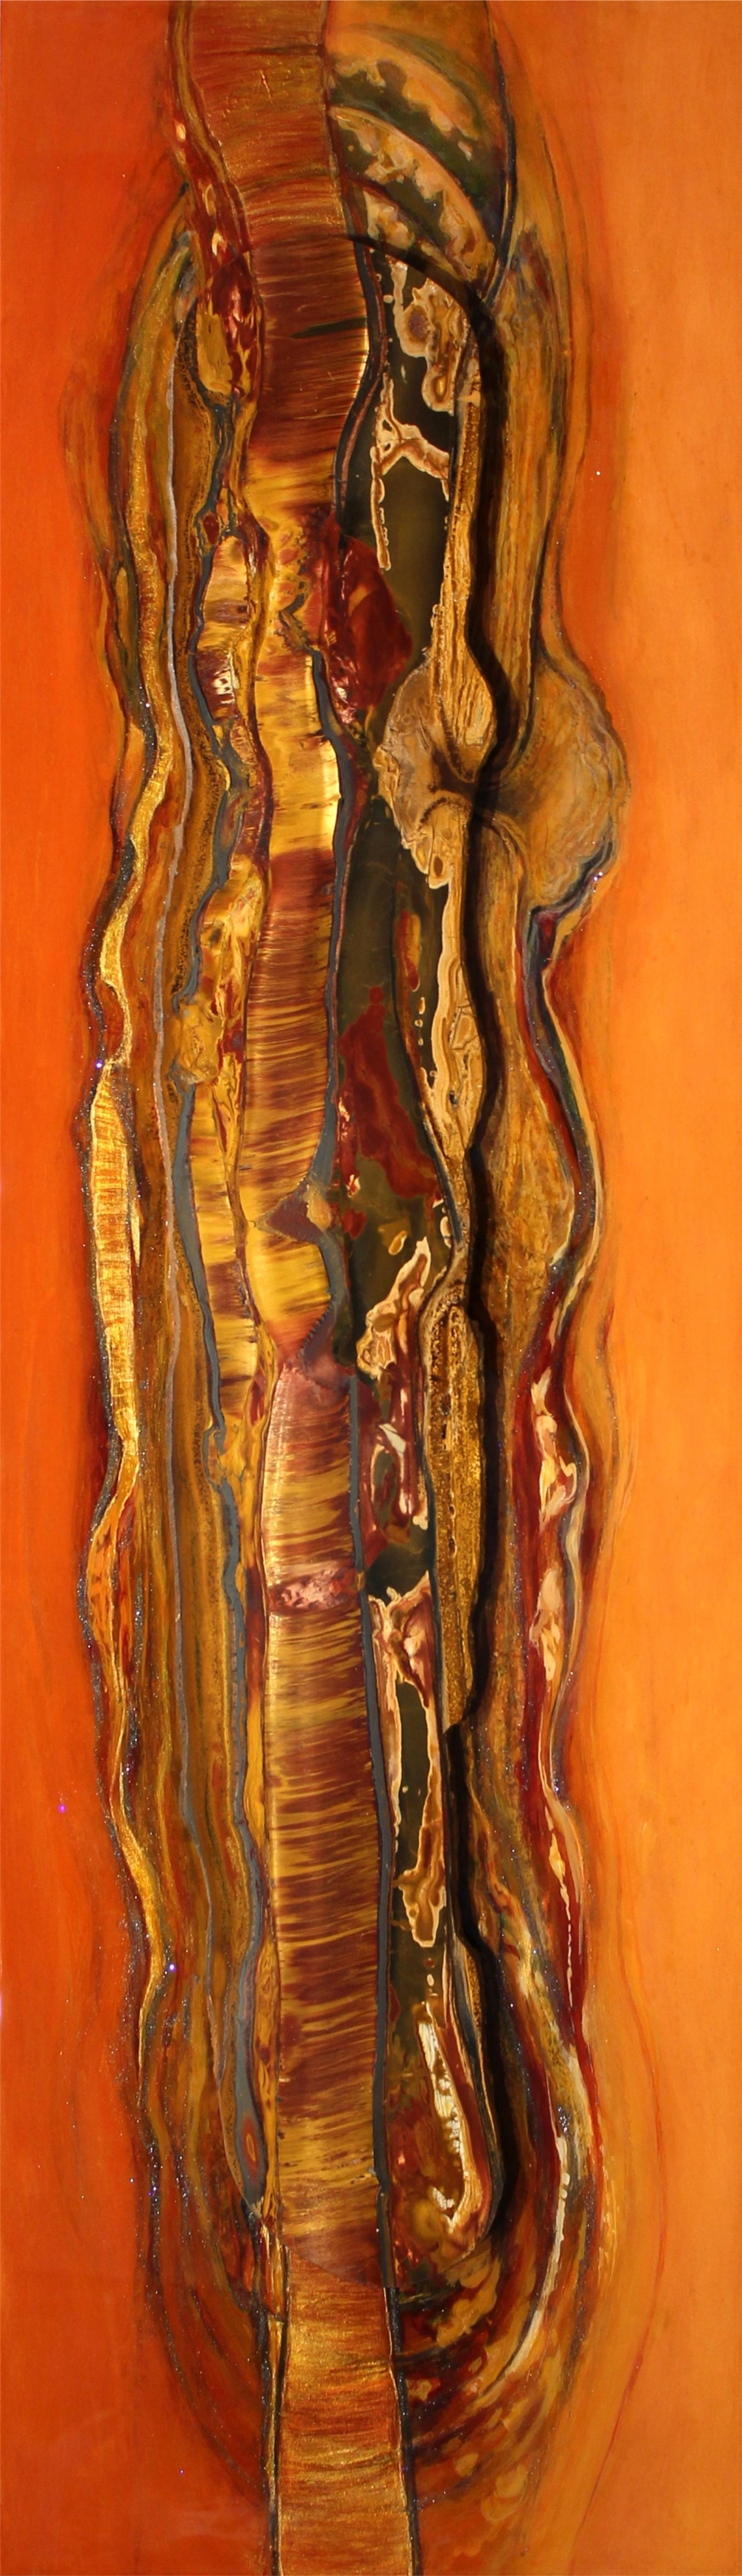 Sacred Spire (Marramamba) by Redhawk Mallet